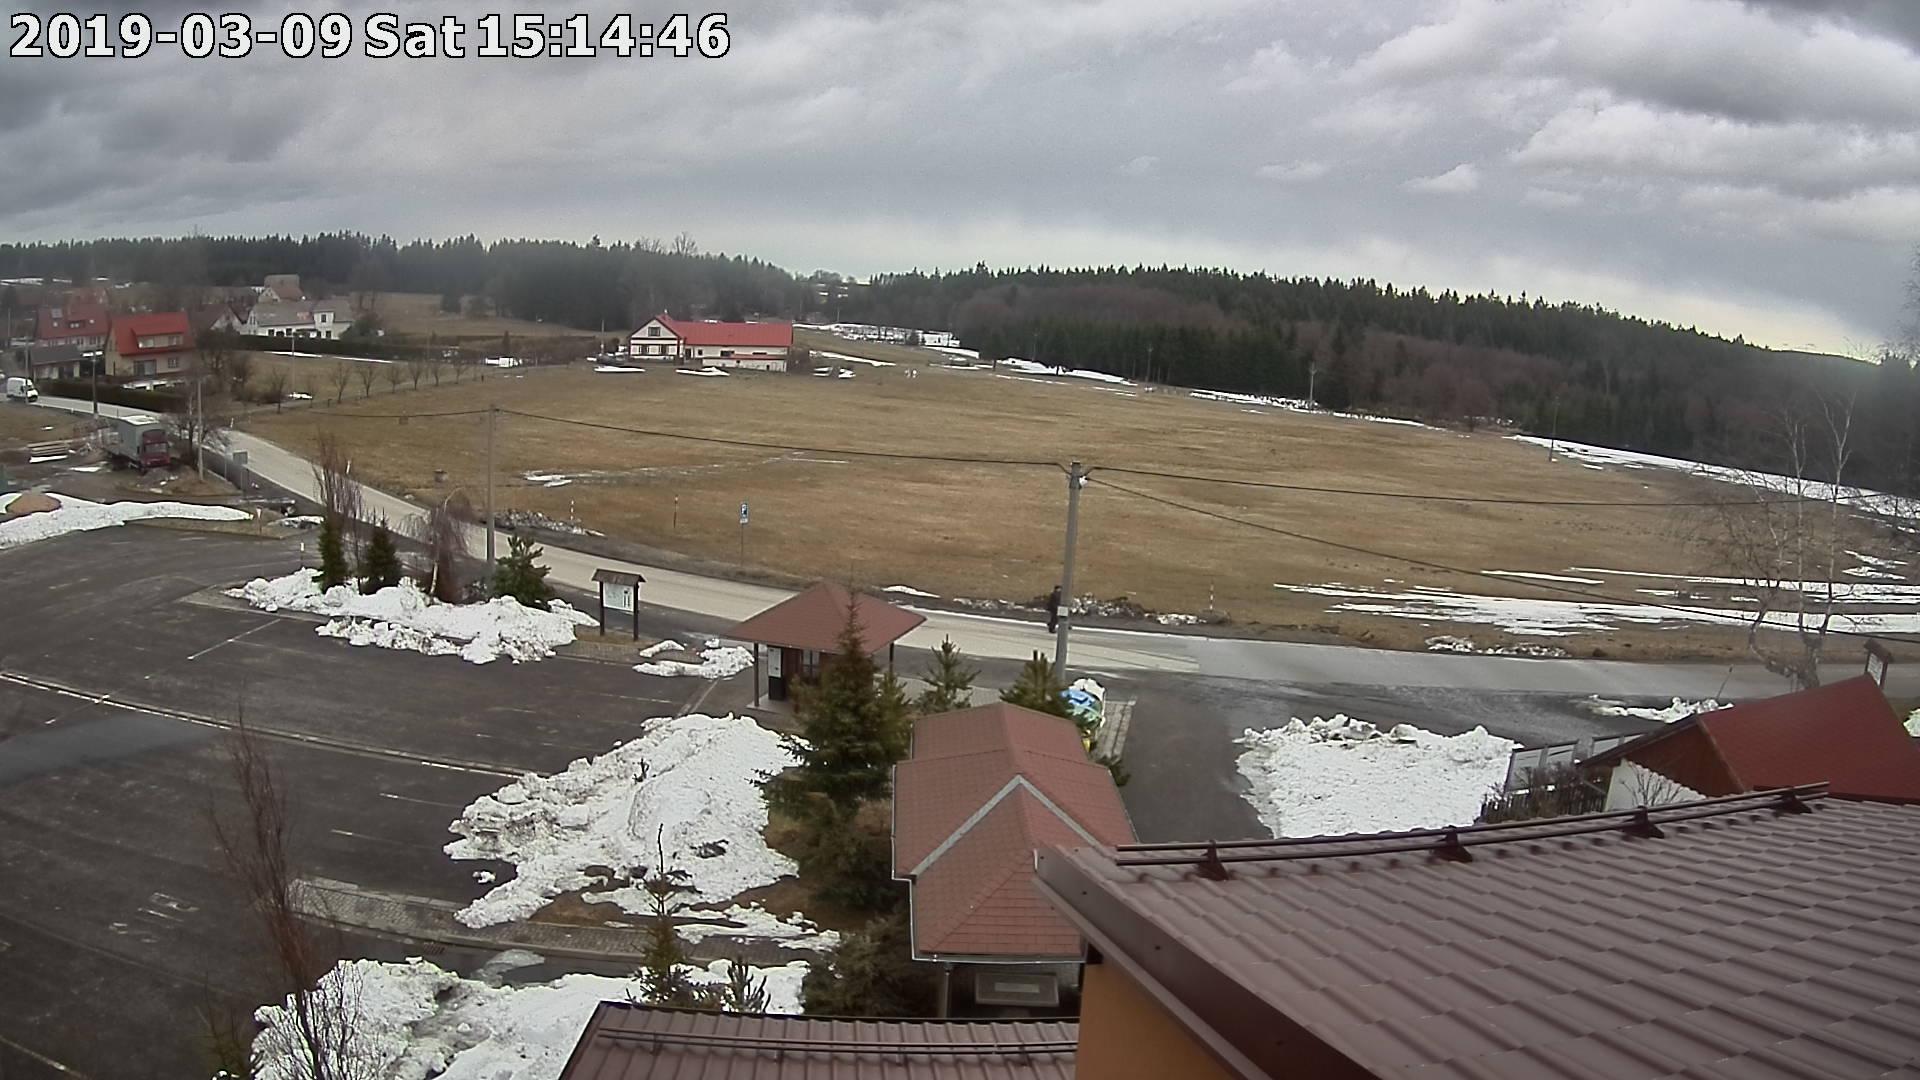 Webkamera ze dne 09.03.2019